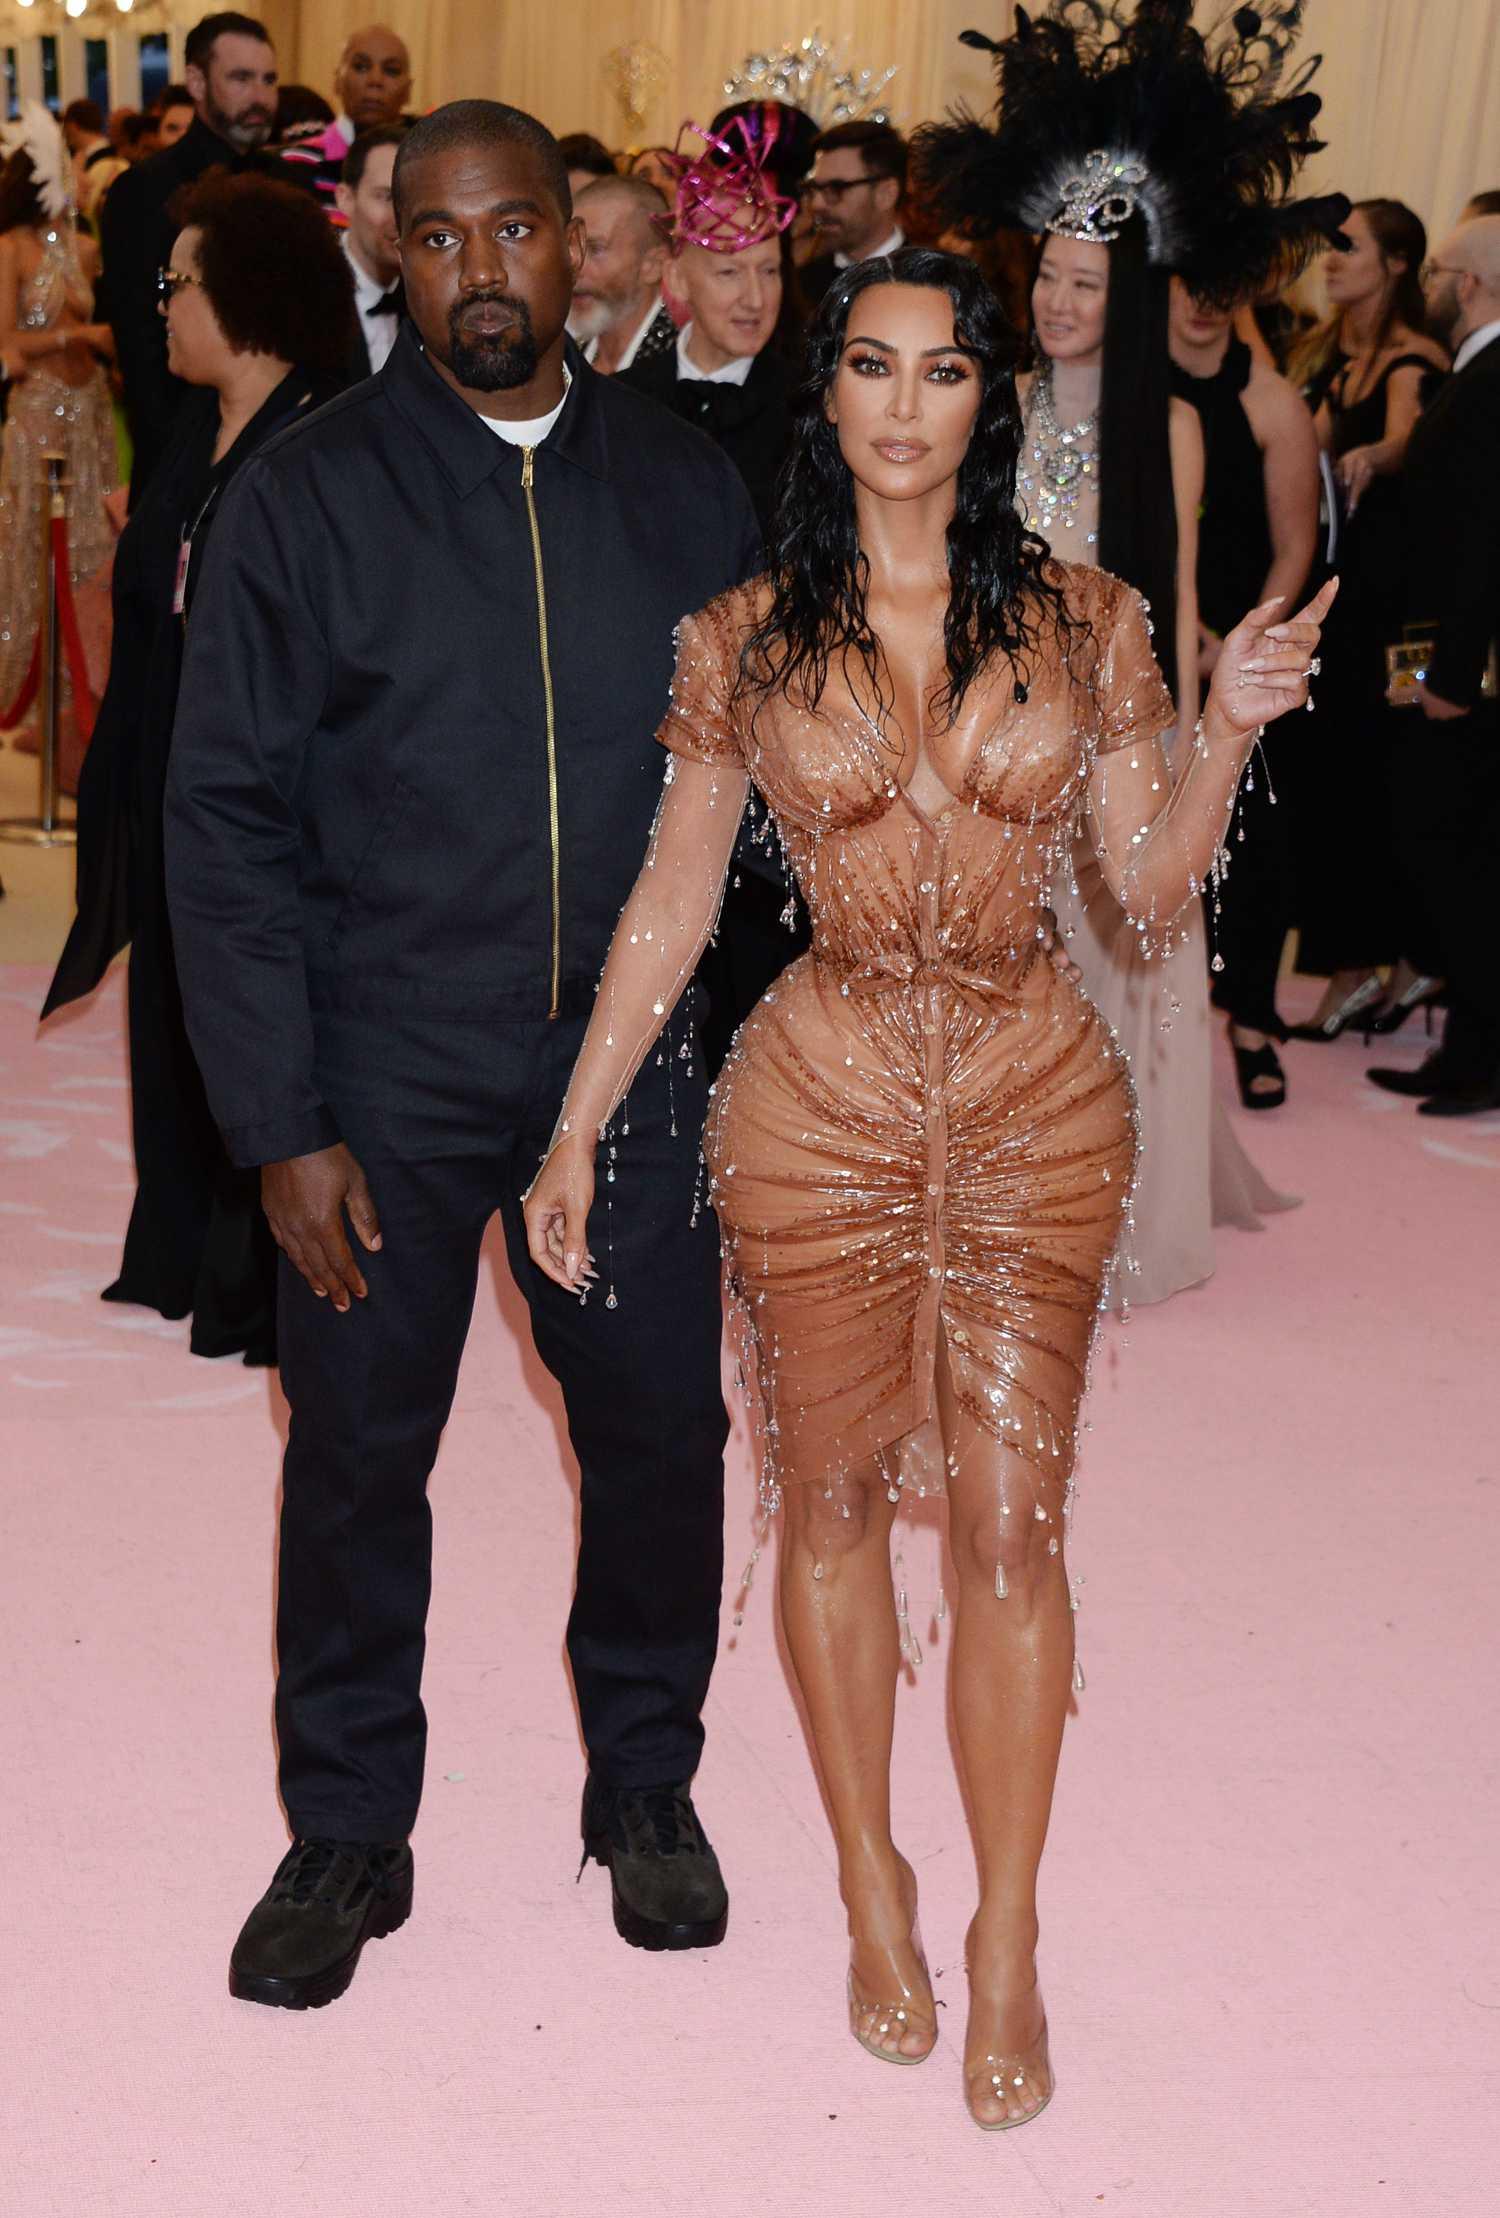 Kim Kardashian Attends the 2019 Met Gala Celebrating Camp ...